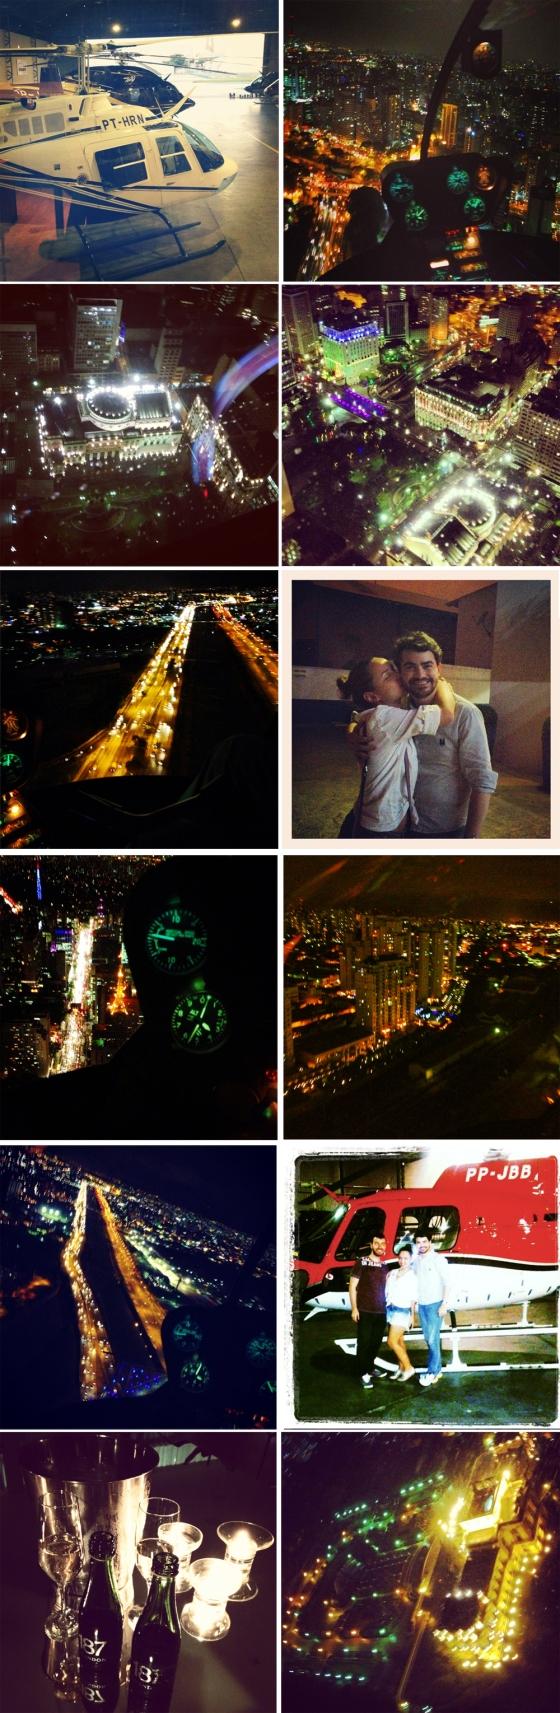 instagramedjournalshelicopter